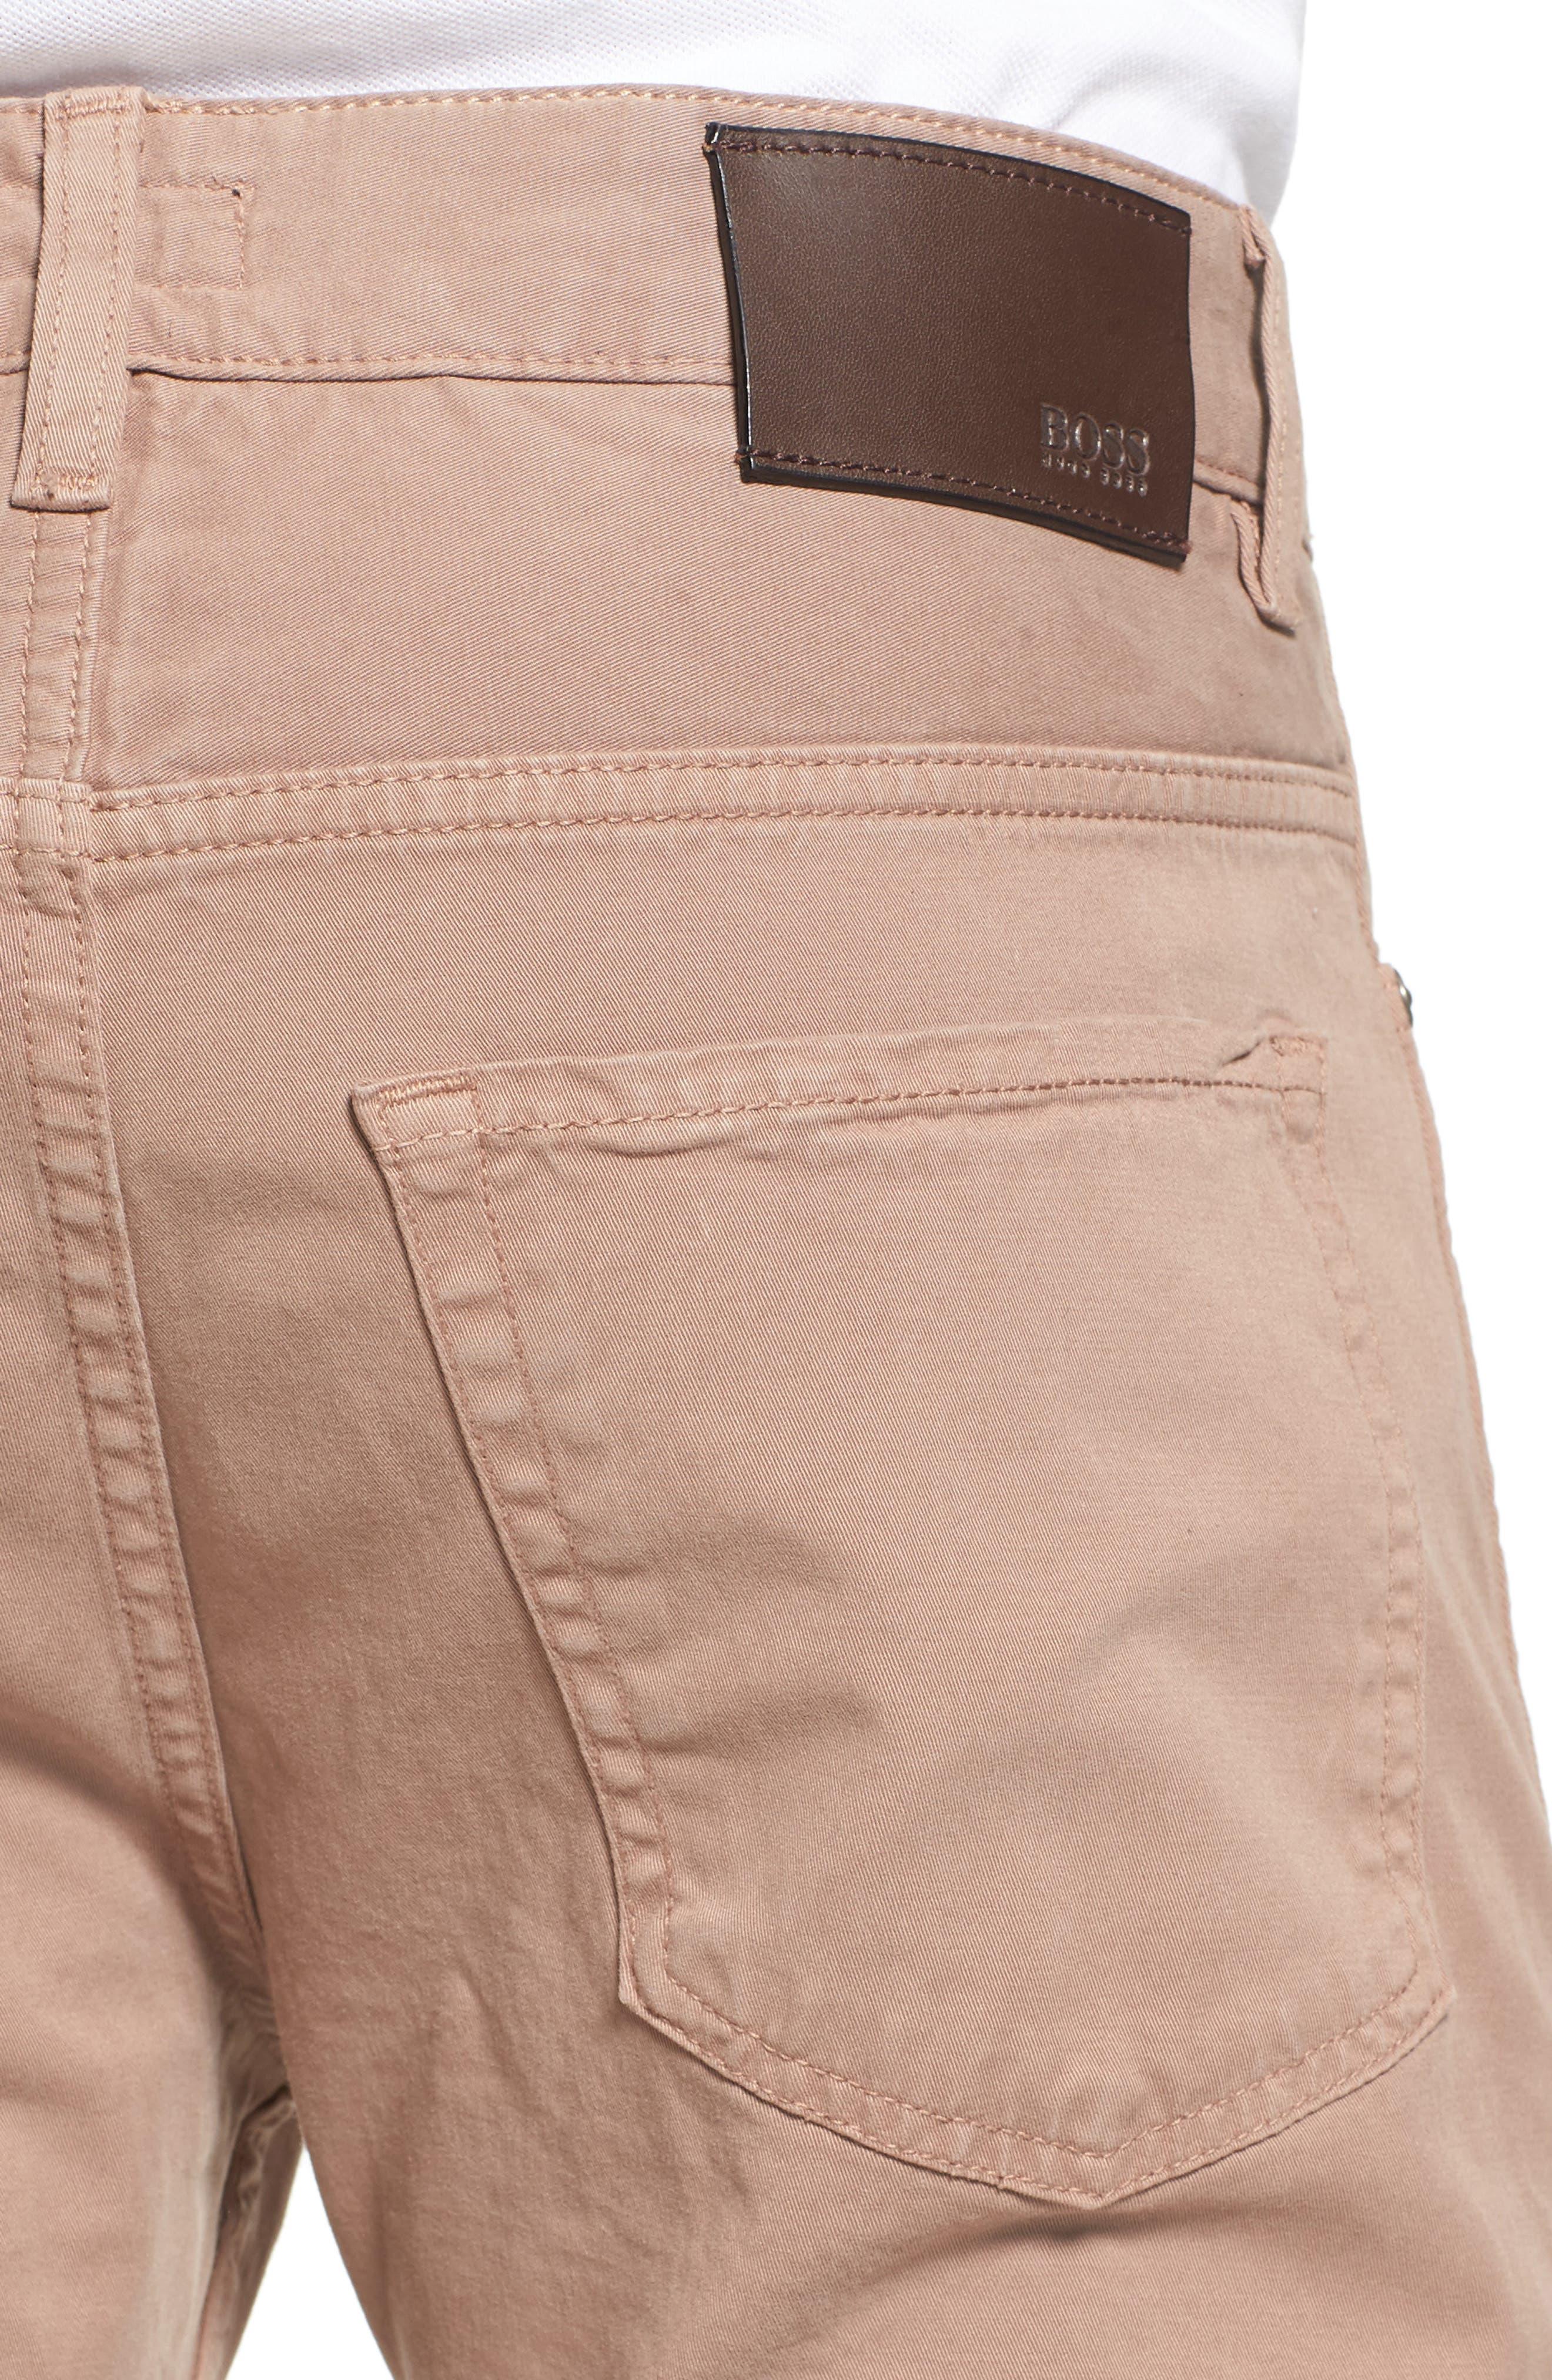 Delaware Slim Fit Stretch Cotton Pants,                             Alternate thumbnail 4, color,                             265